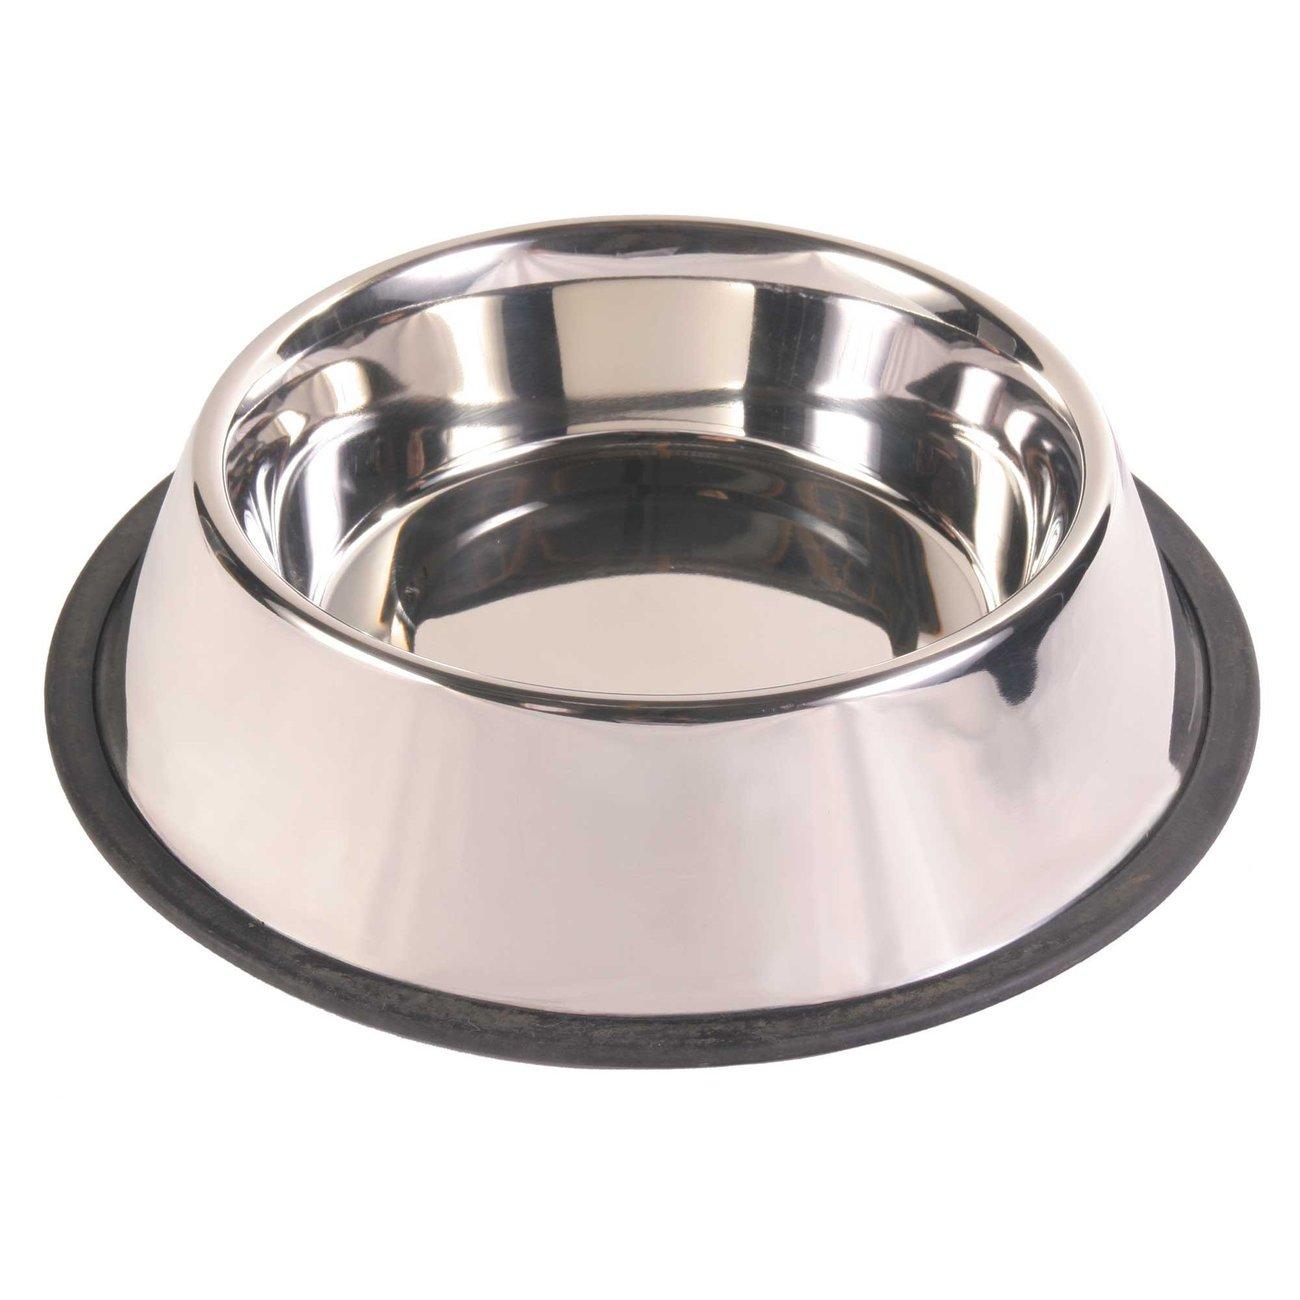 TRIXIE Hundenapf Edelstahl mit Gummiring, schwer 24851, Bild 5